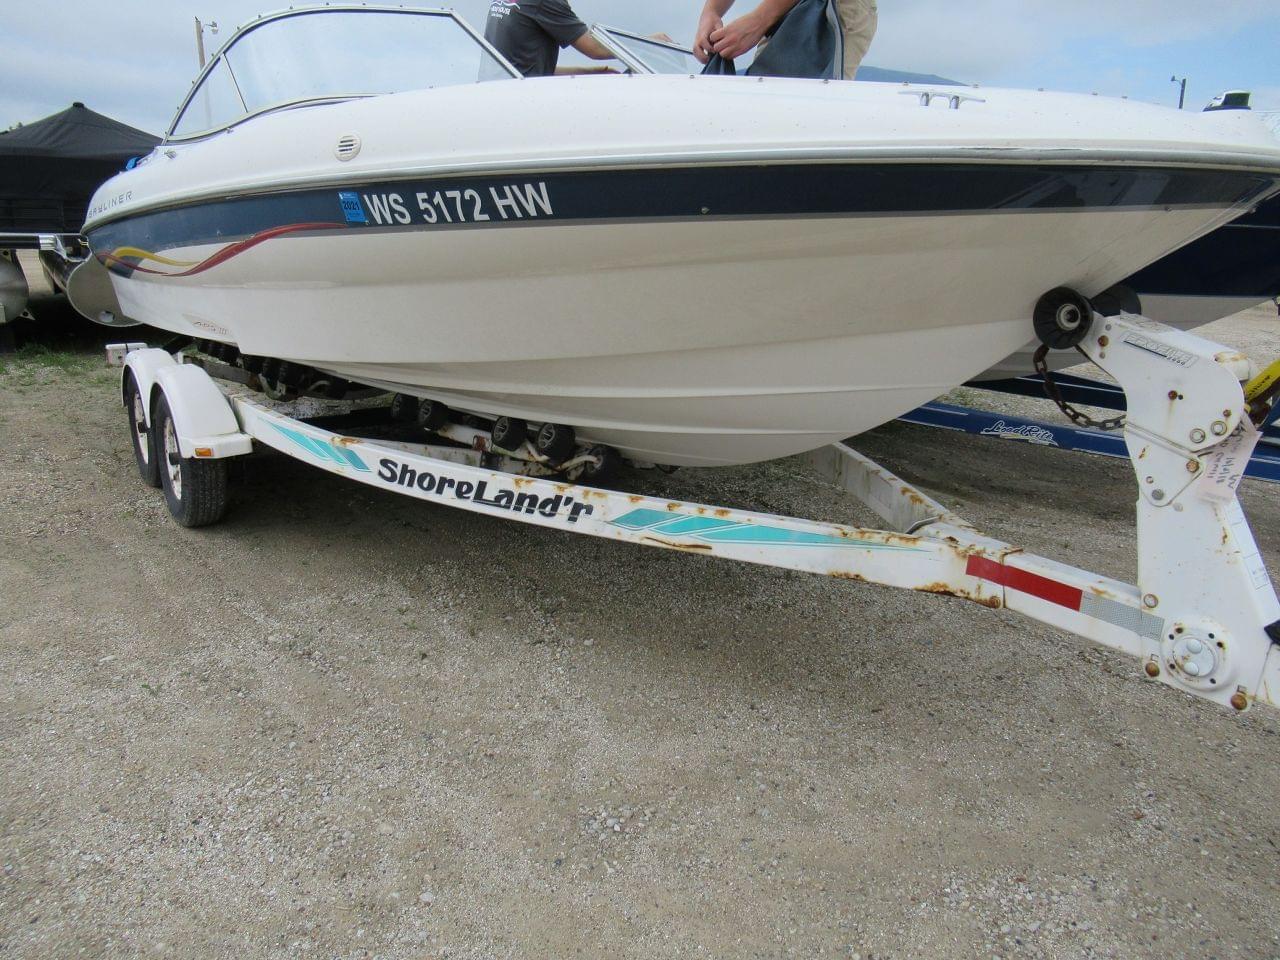 Used 2001 Bayliner 215, Stock #UBA1319 - The Boat House